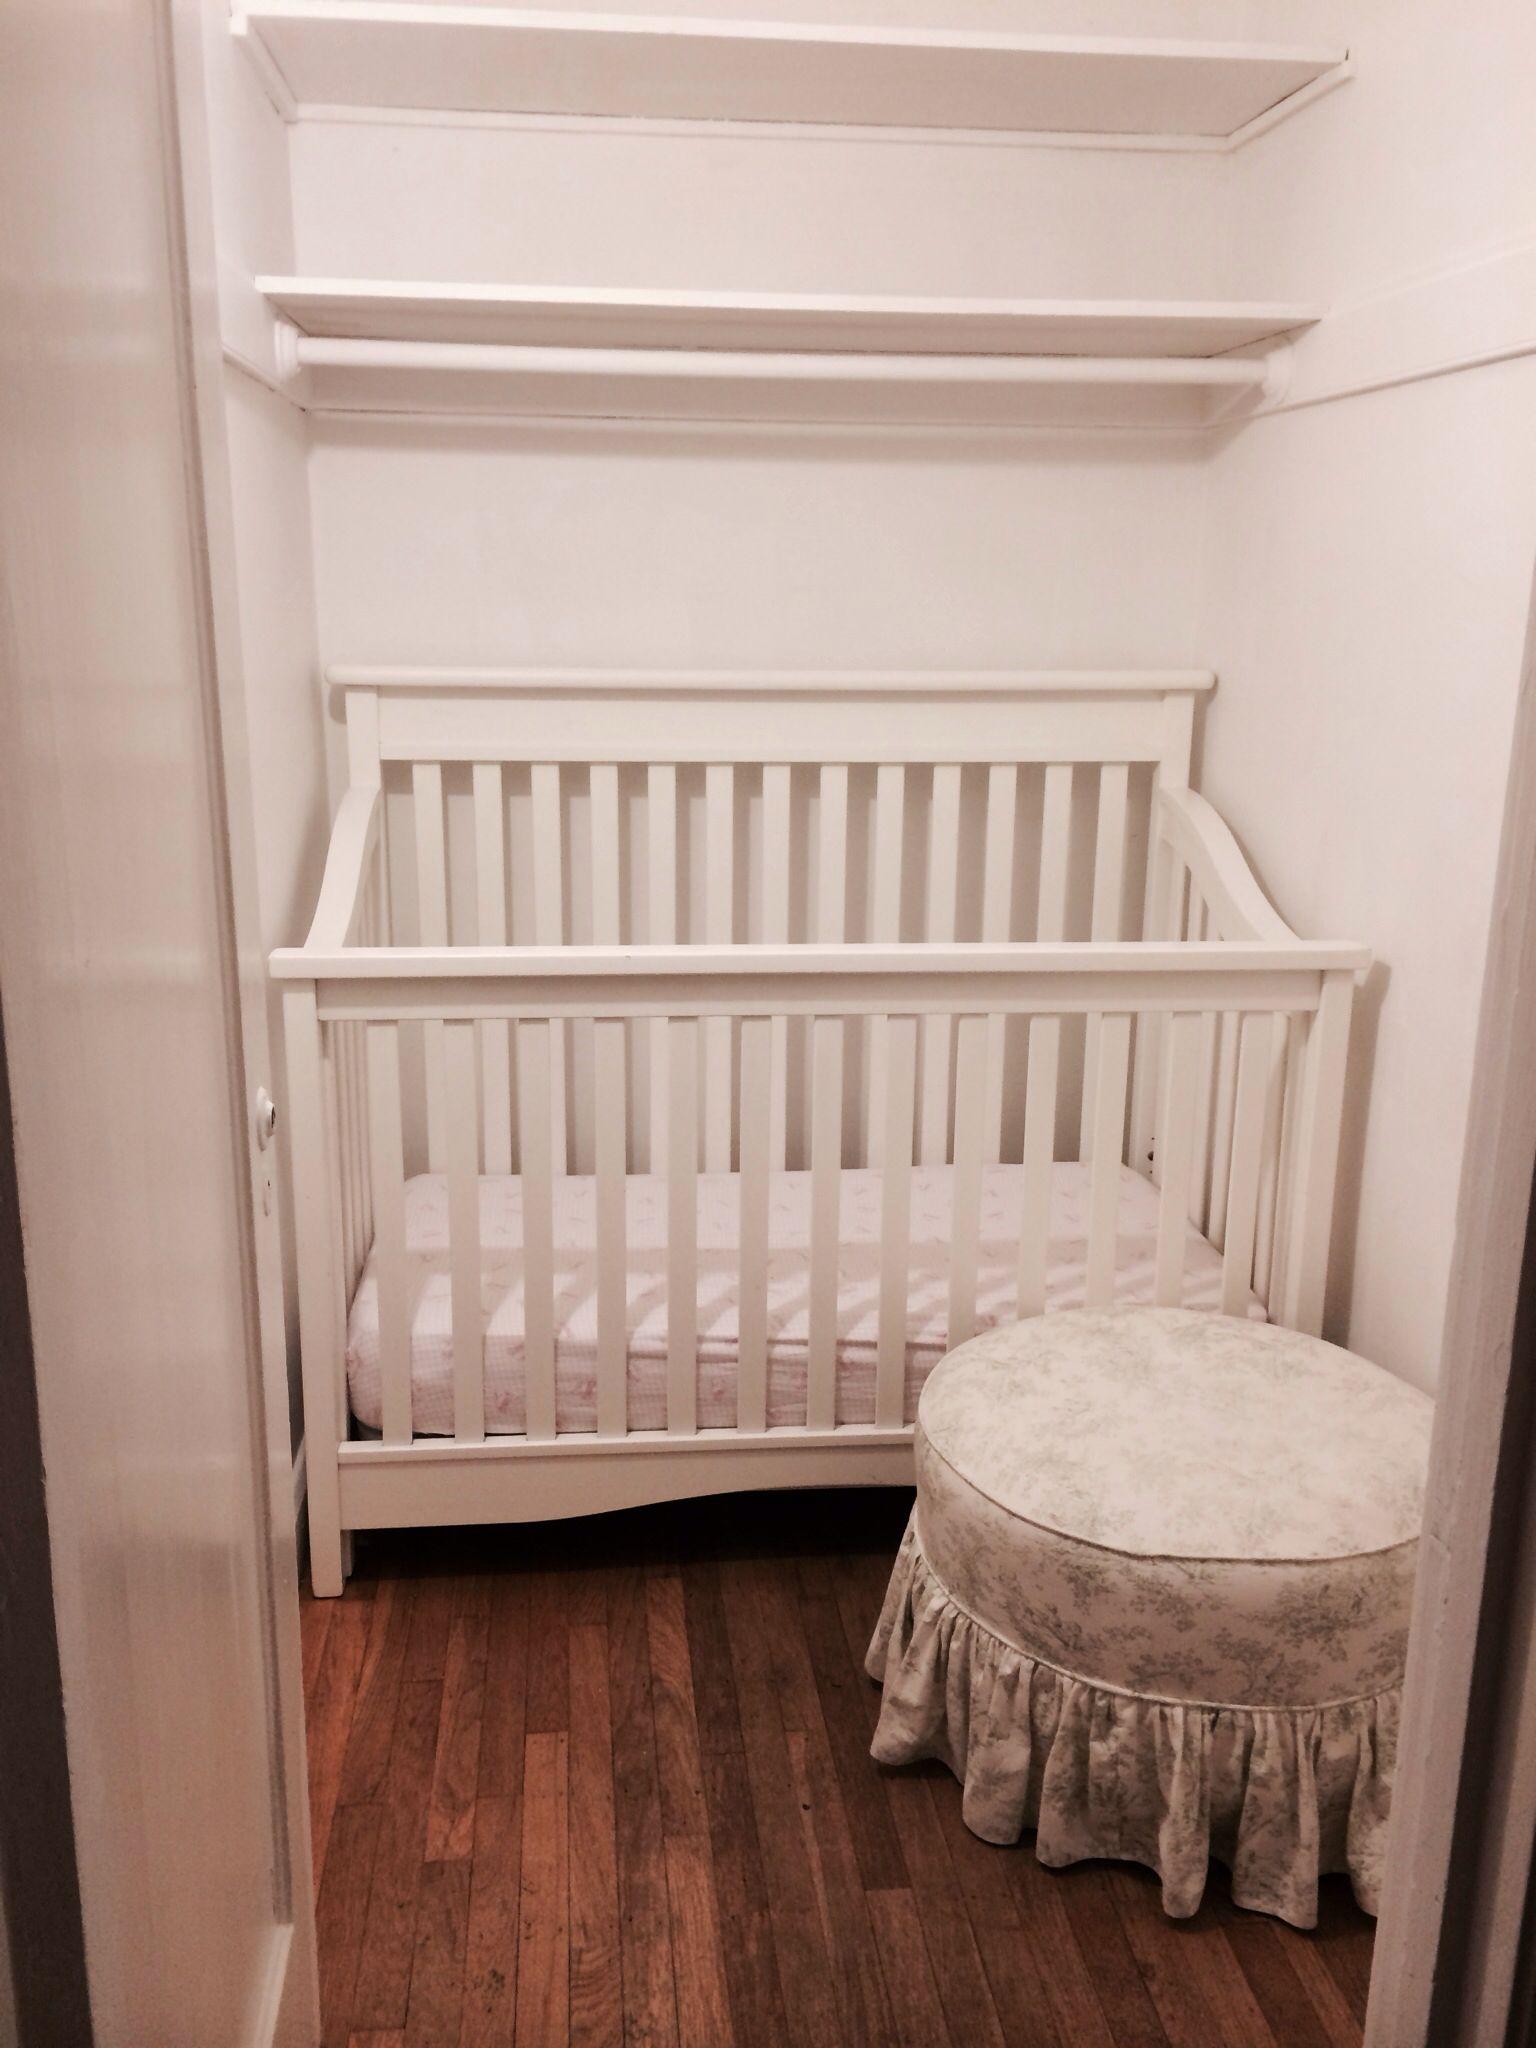 Best Closet Nursery Ideas For A Small Nursery Small Space 400 x 300